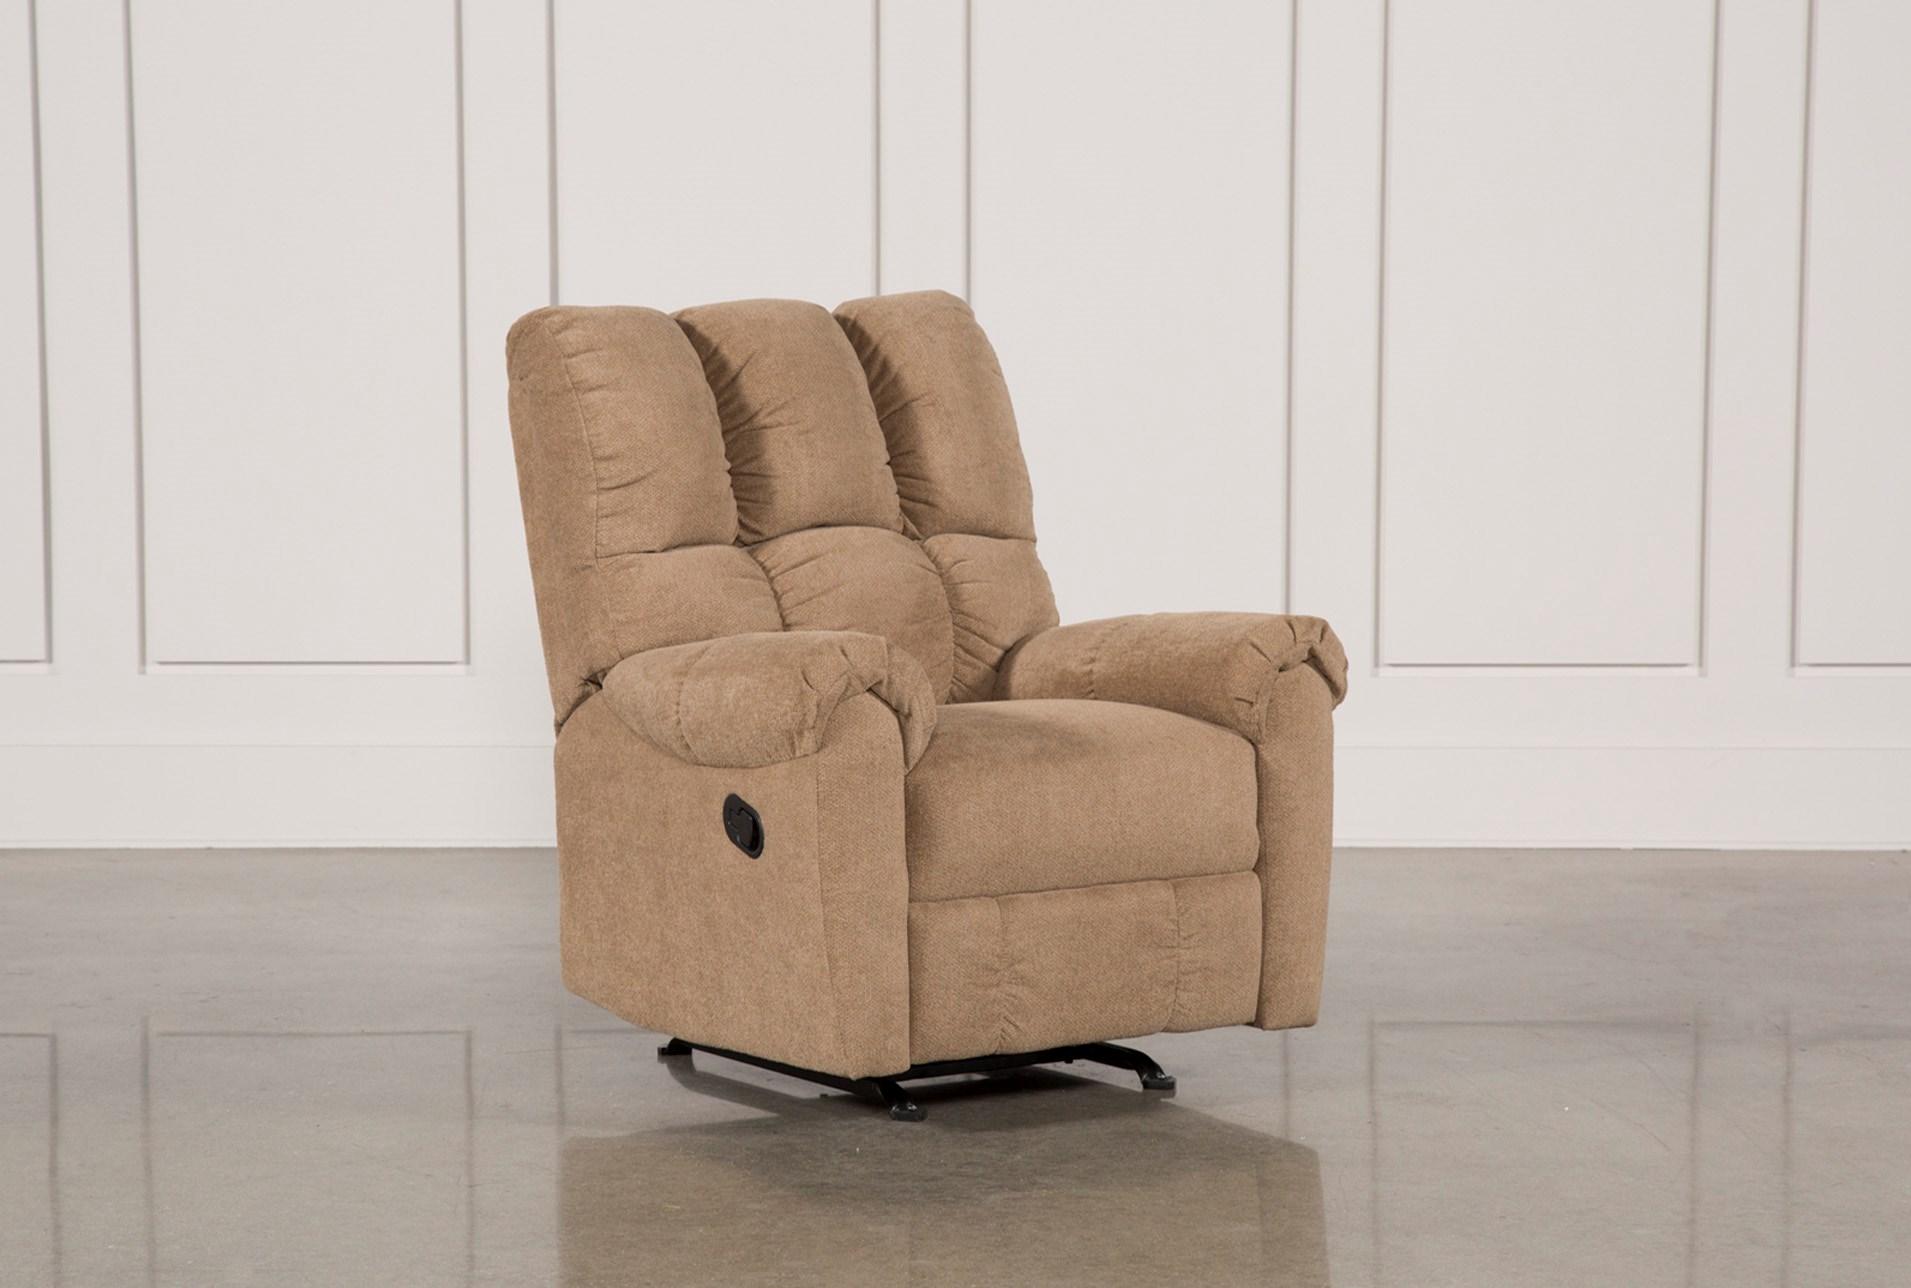 jennifer recliner amazon sq furniture m products rocker